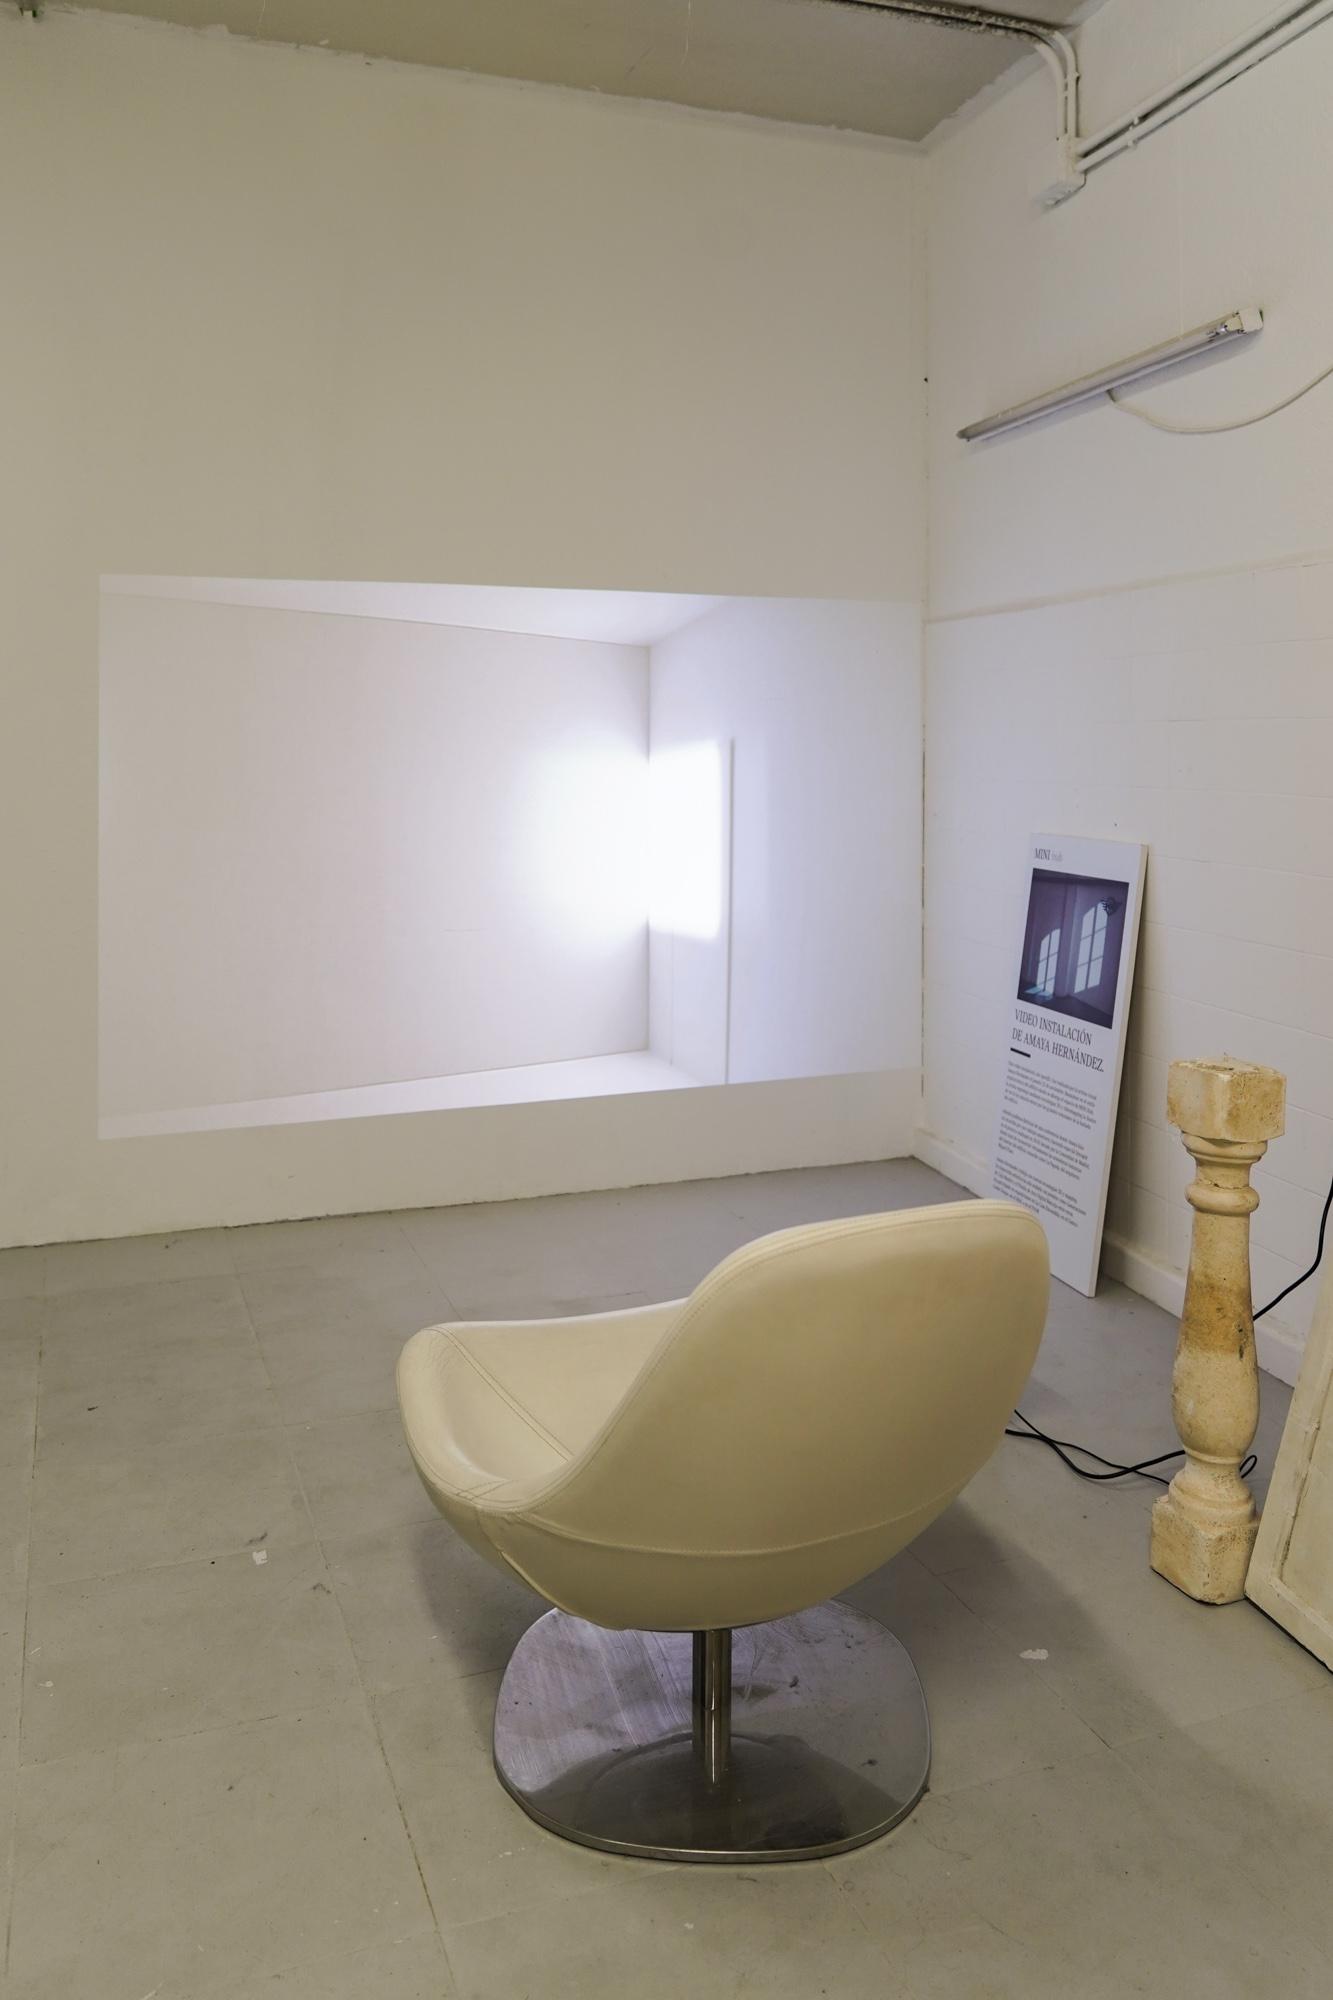 CaballeroCosmica-Exhibitionphoto-openstudio-22.jpg